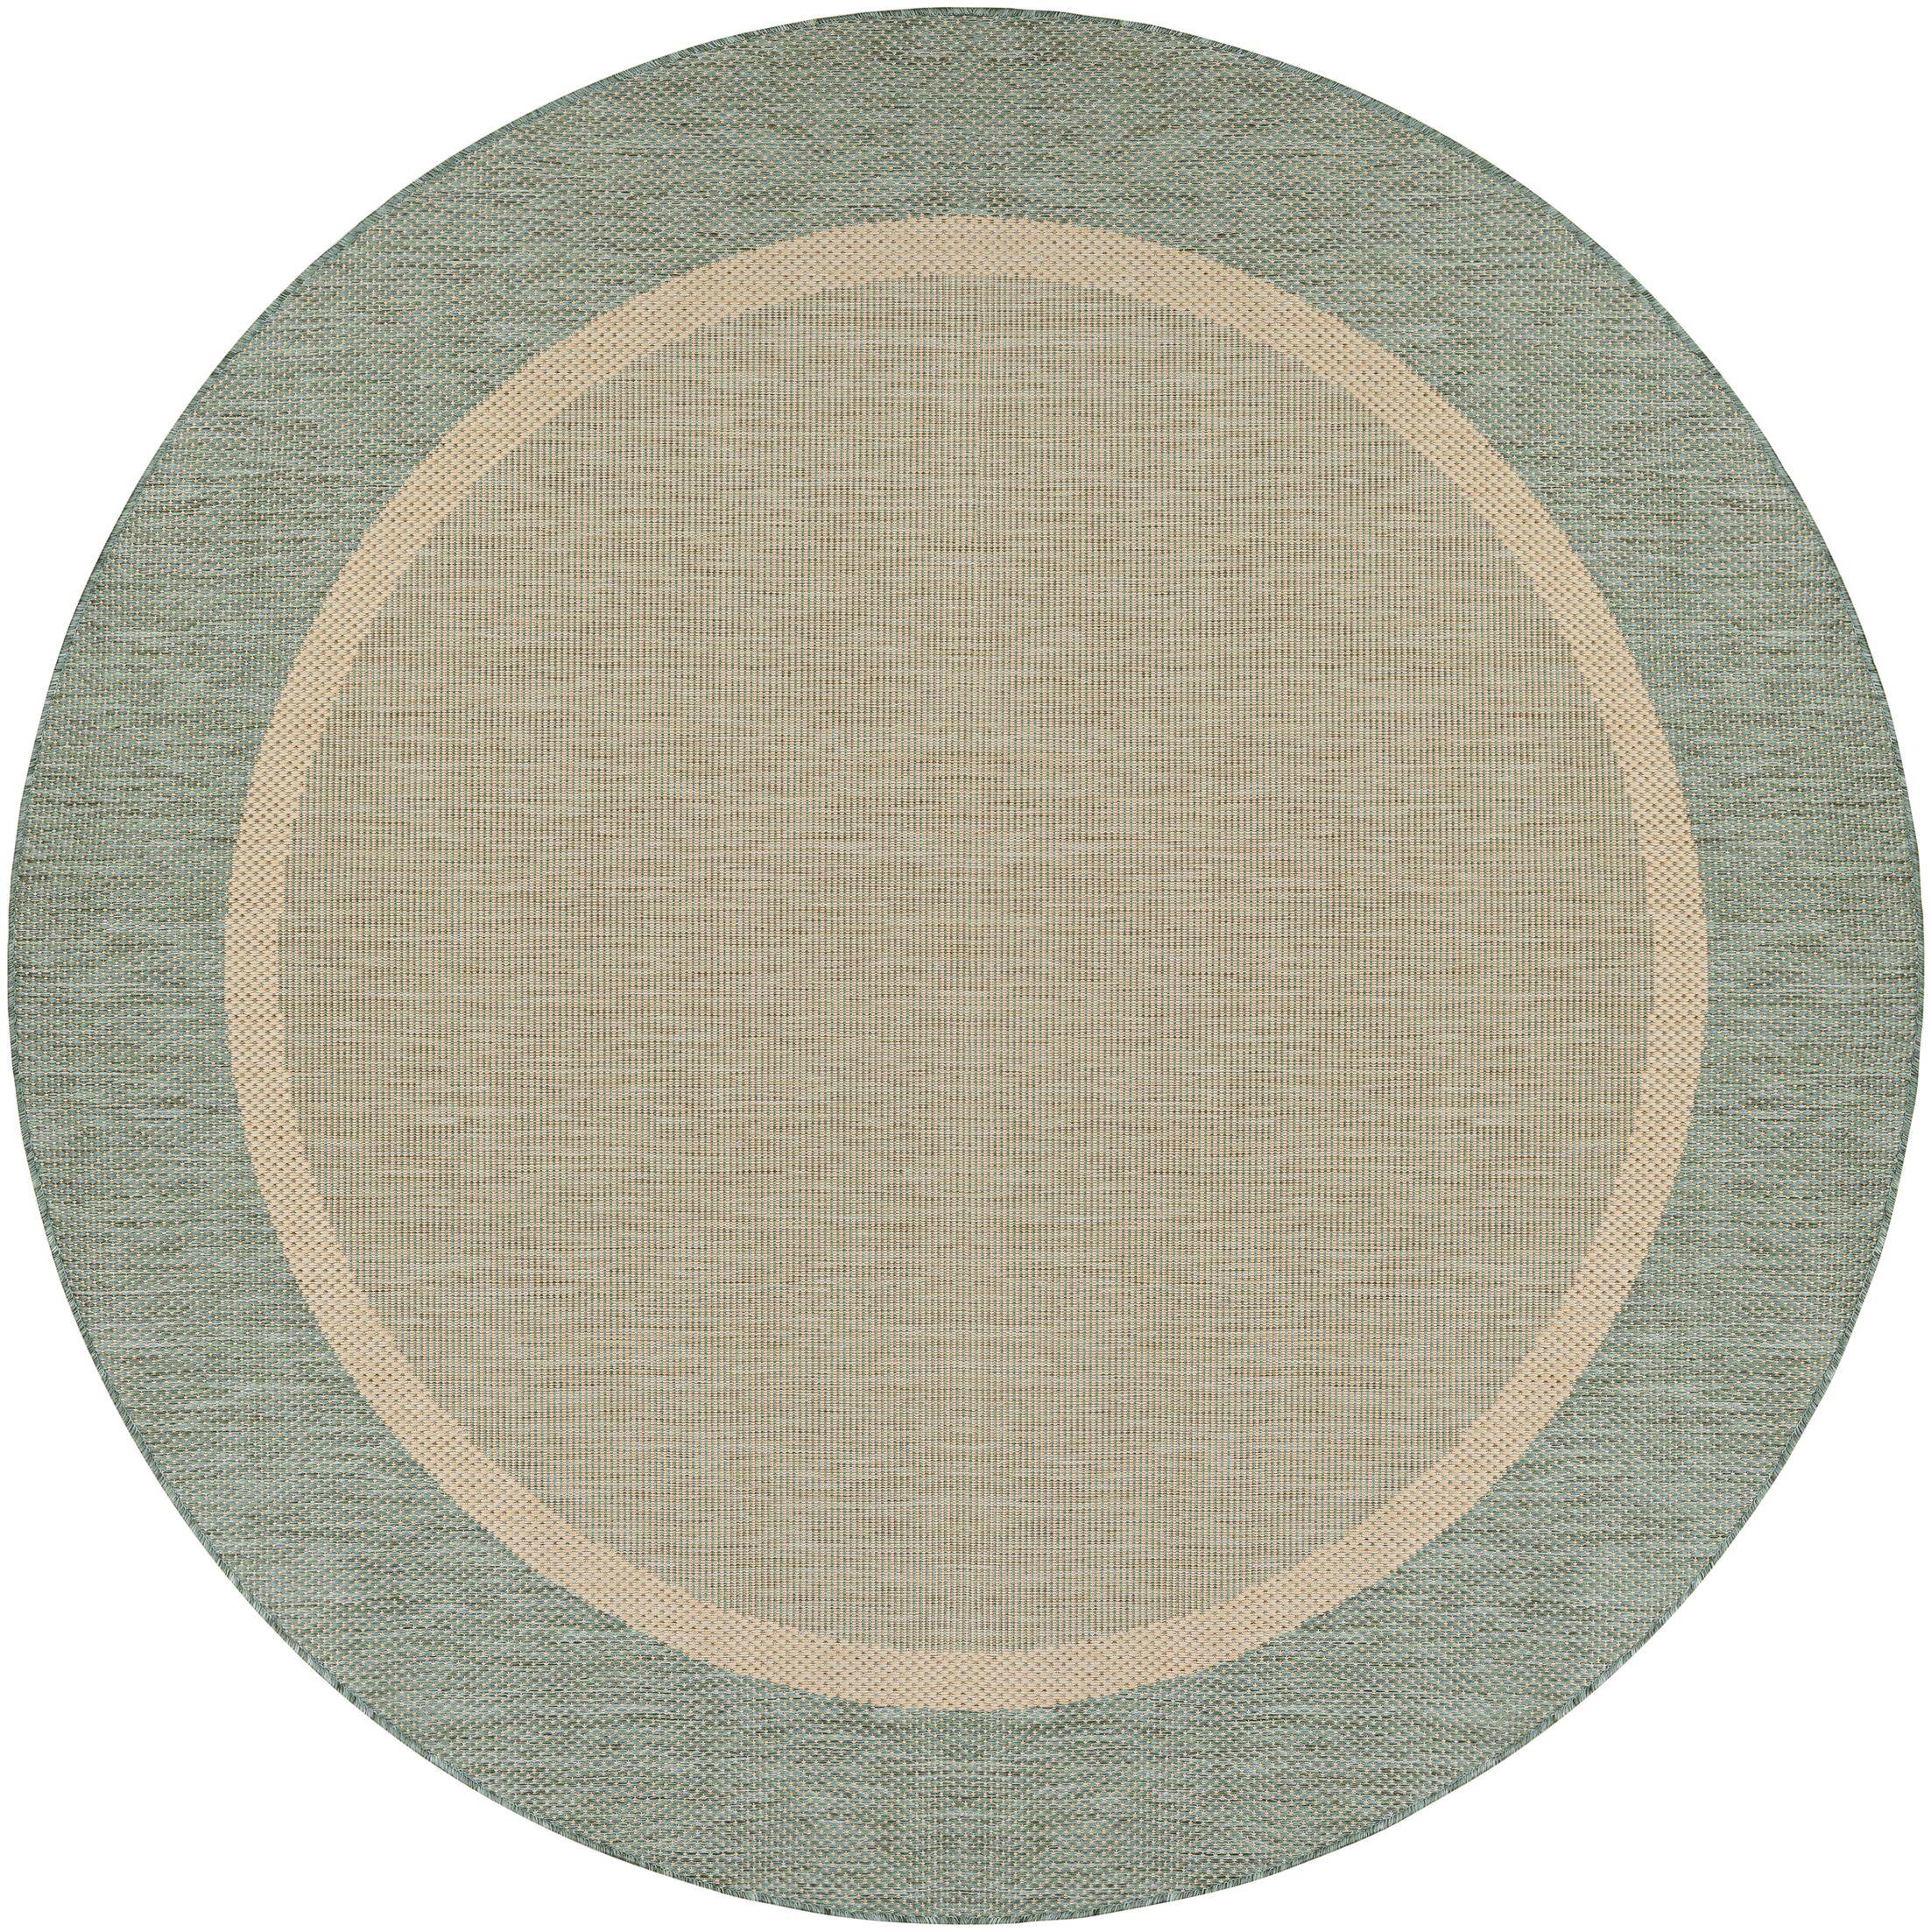 Linden Texture Green/Beige Indoor/Outdoor Area Rug Rug Size: Rectangle 8'6